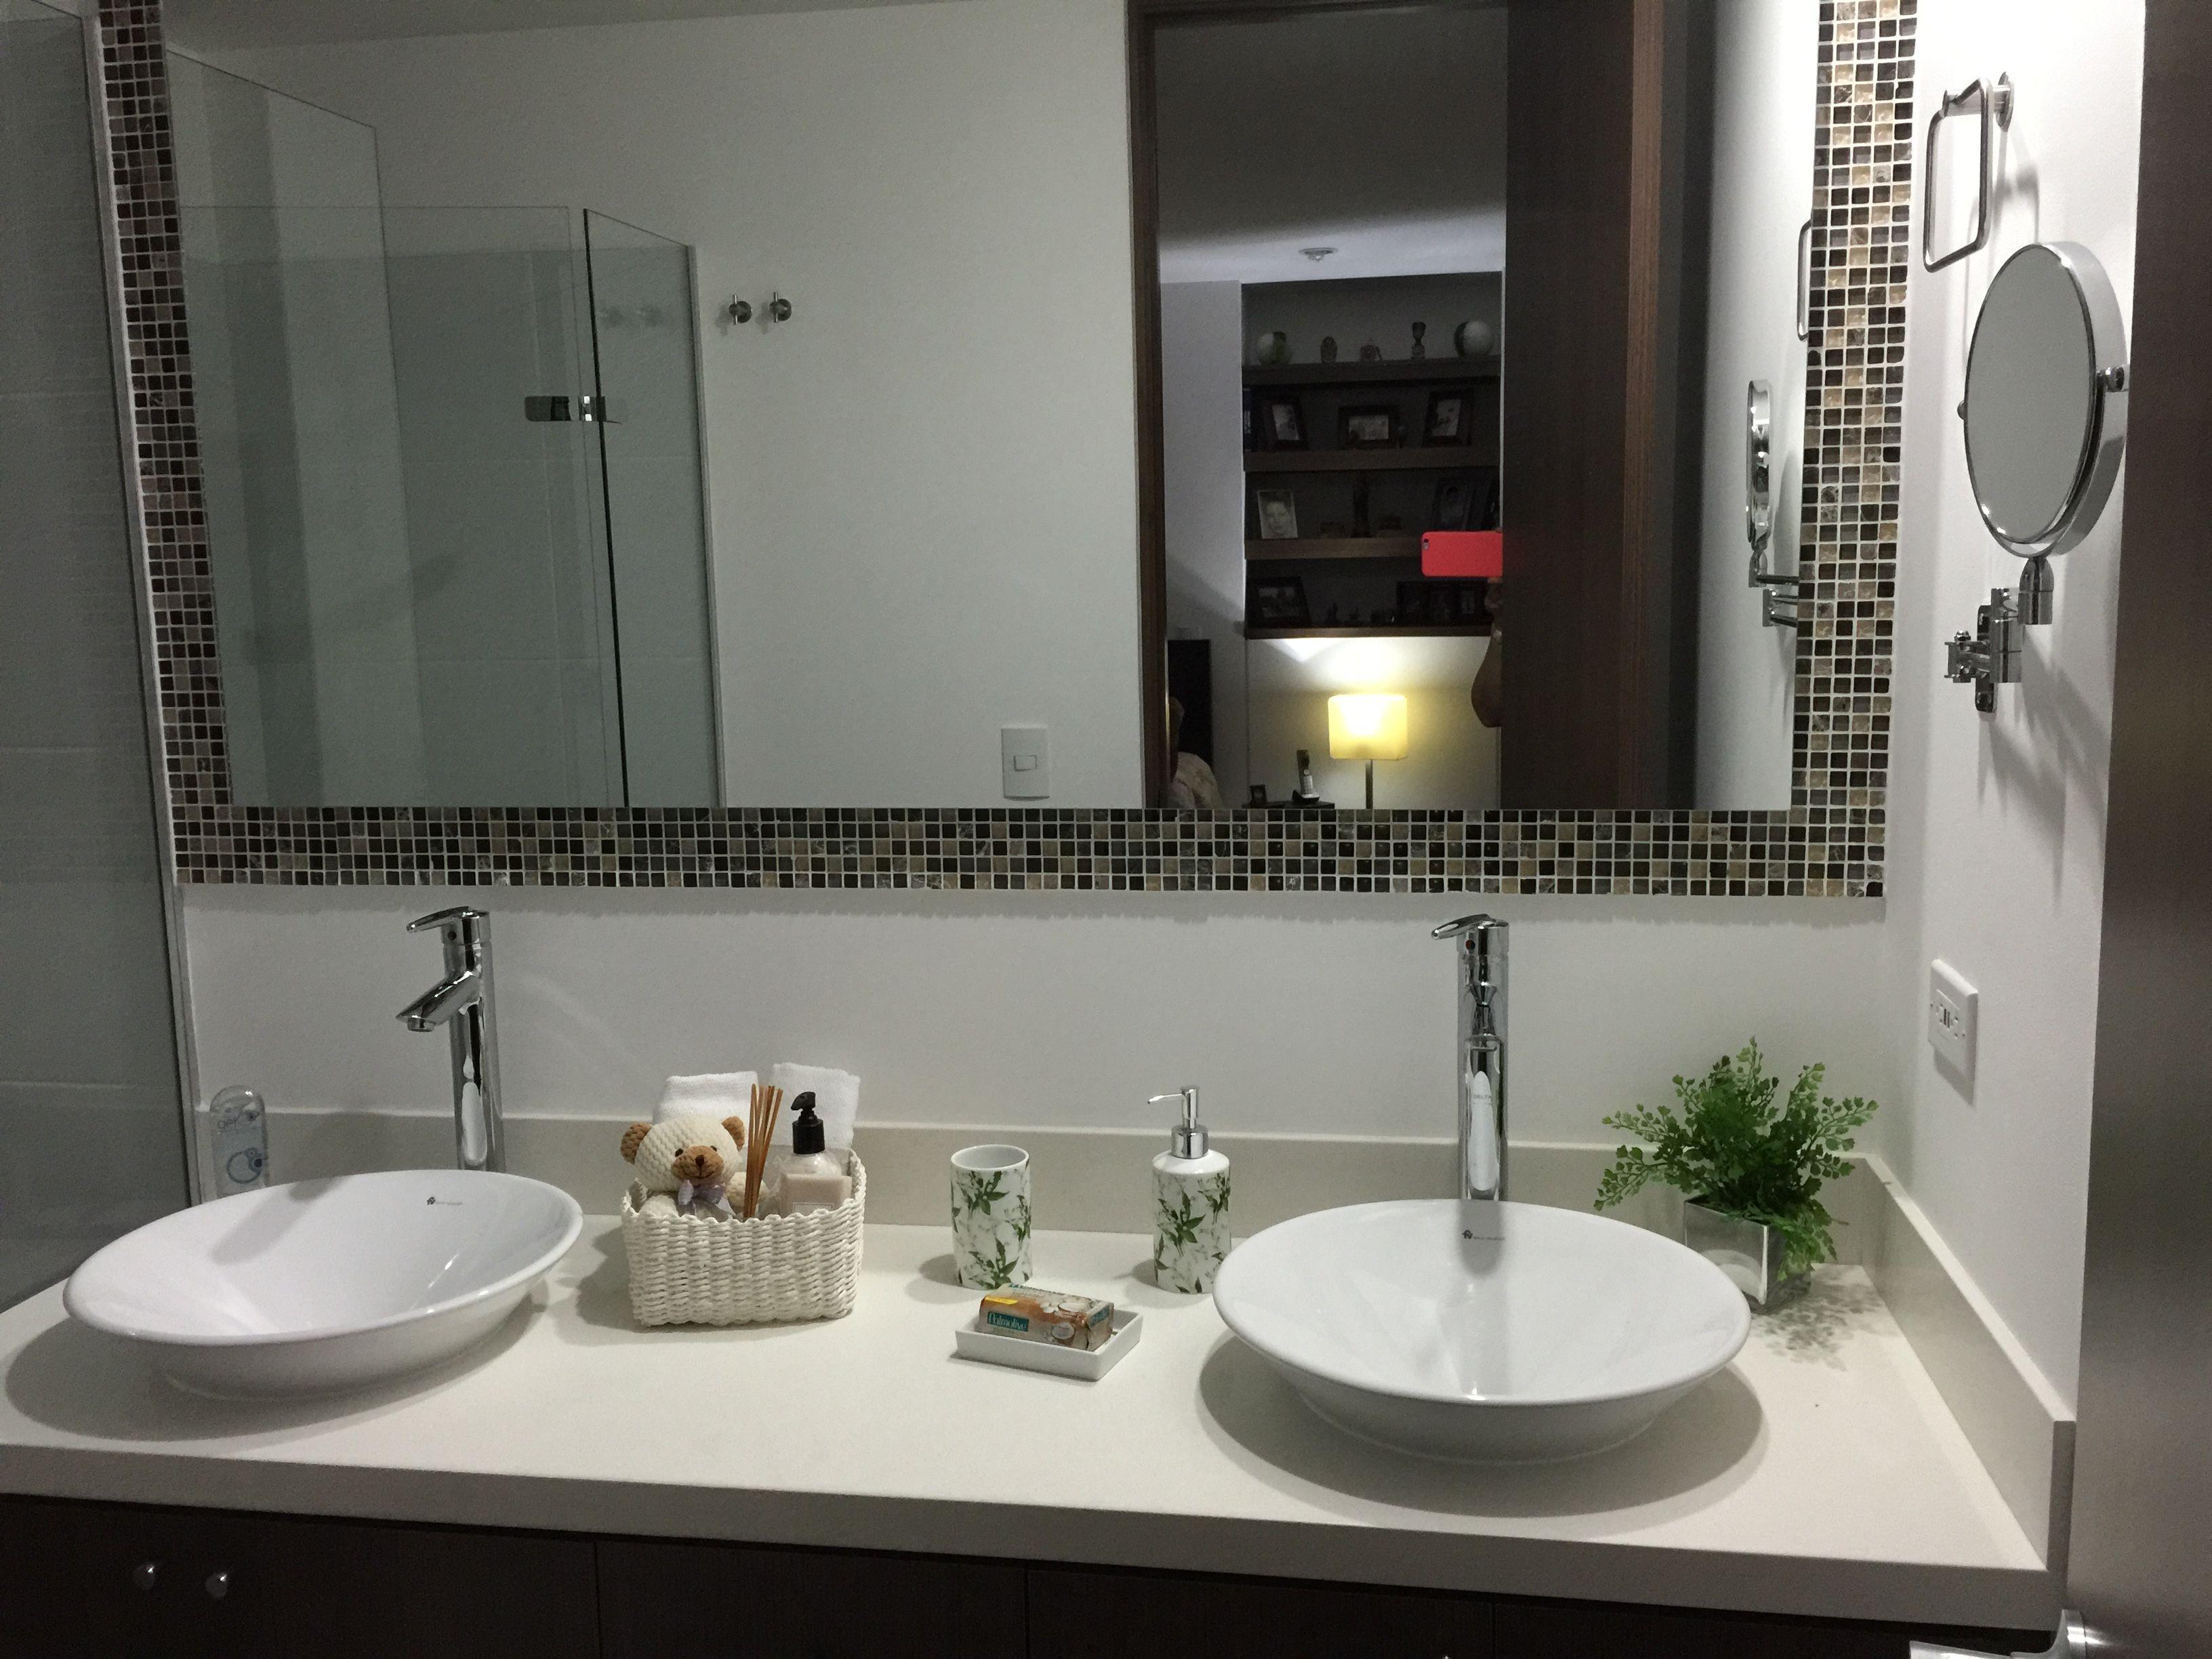 Ba o con doble lavamanos y espejo con cenefa y d talles de for Duchas modernas precios